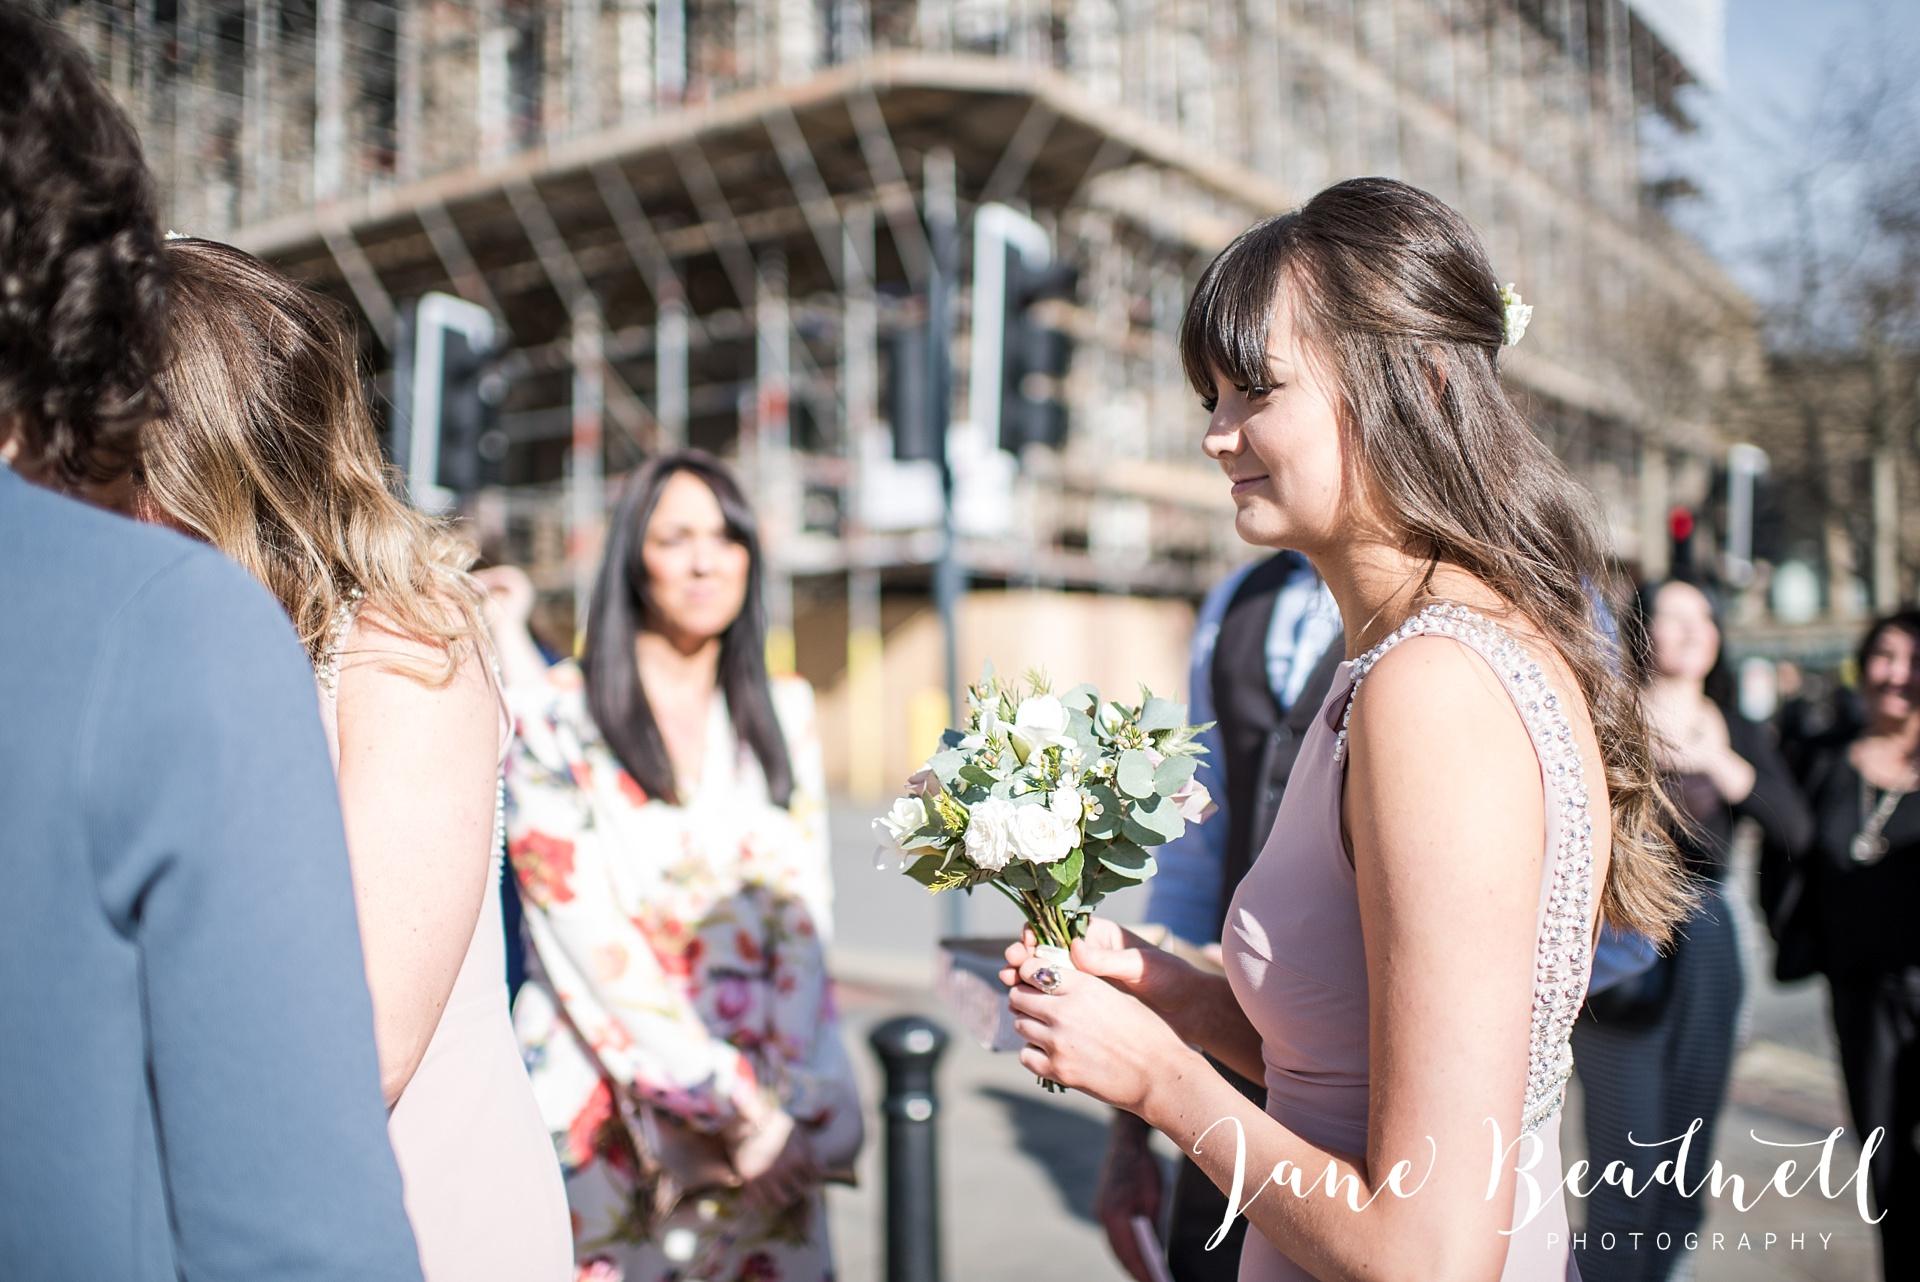 Wedding photography Cross Keys Leeds Wedding Jane Beadnell Photography_0012